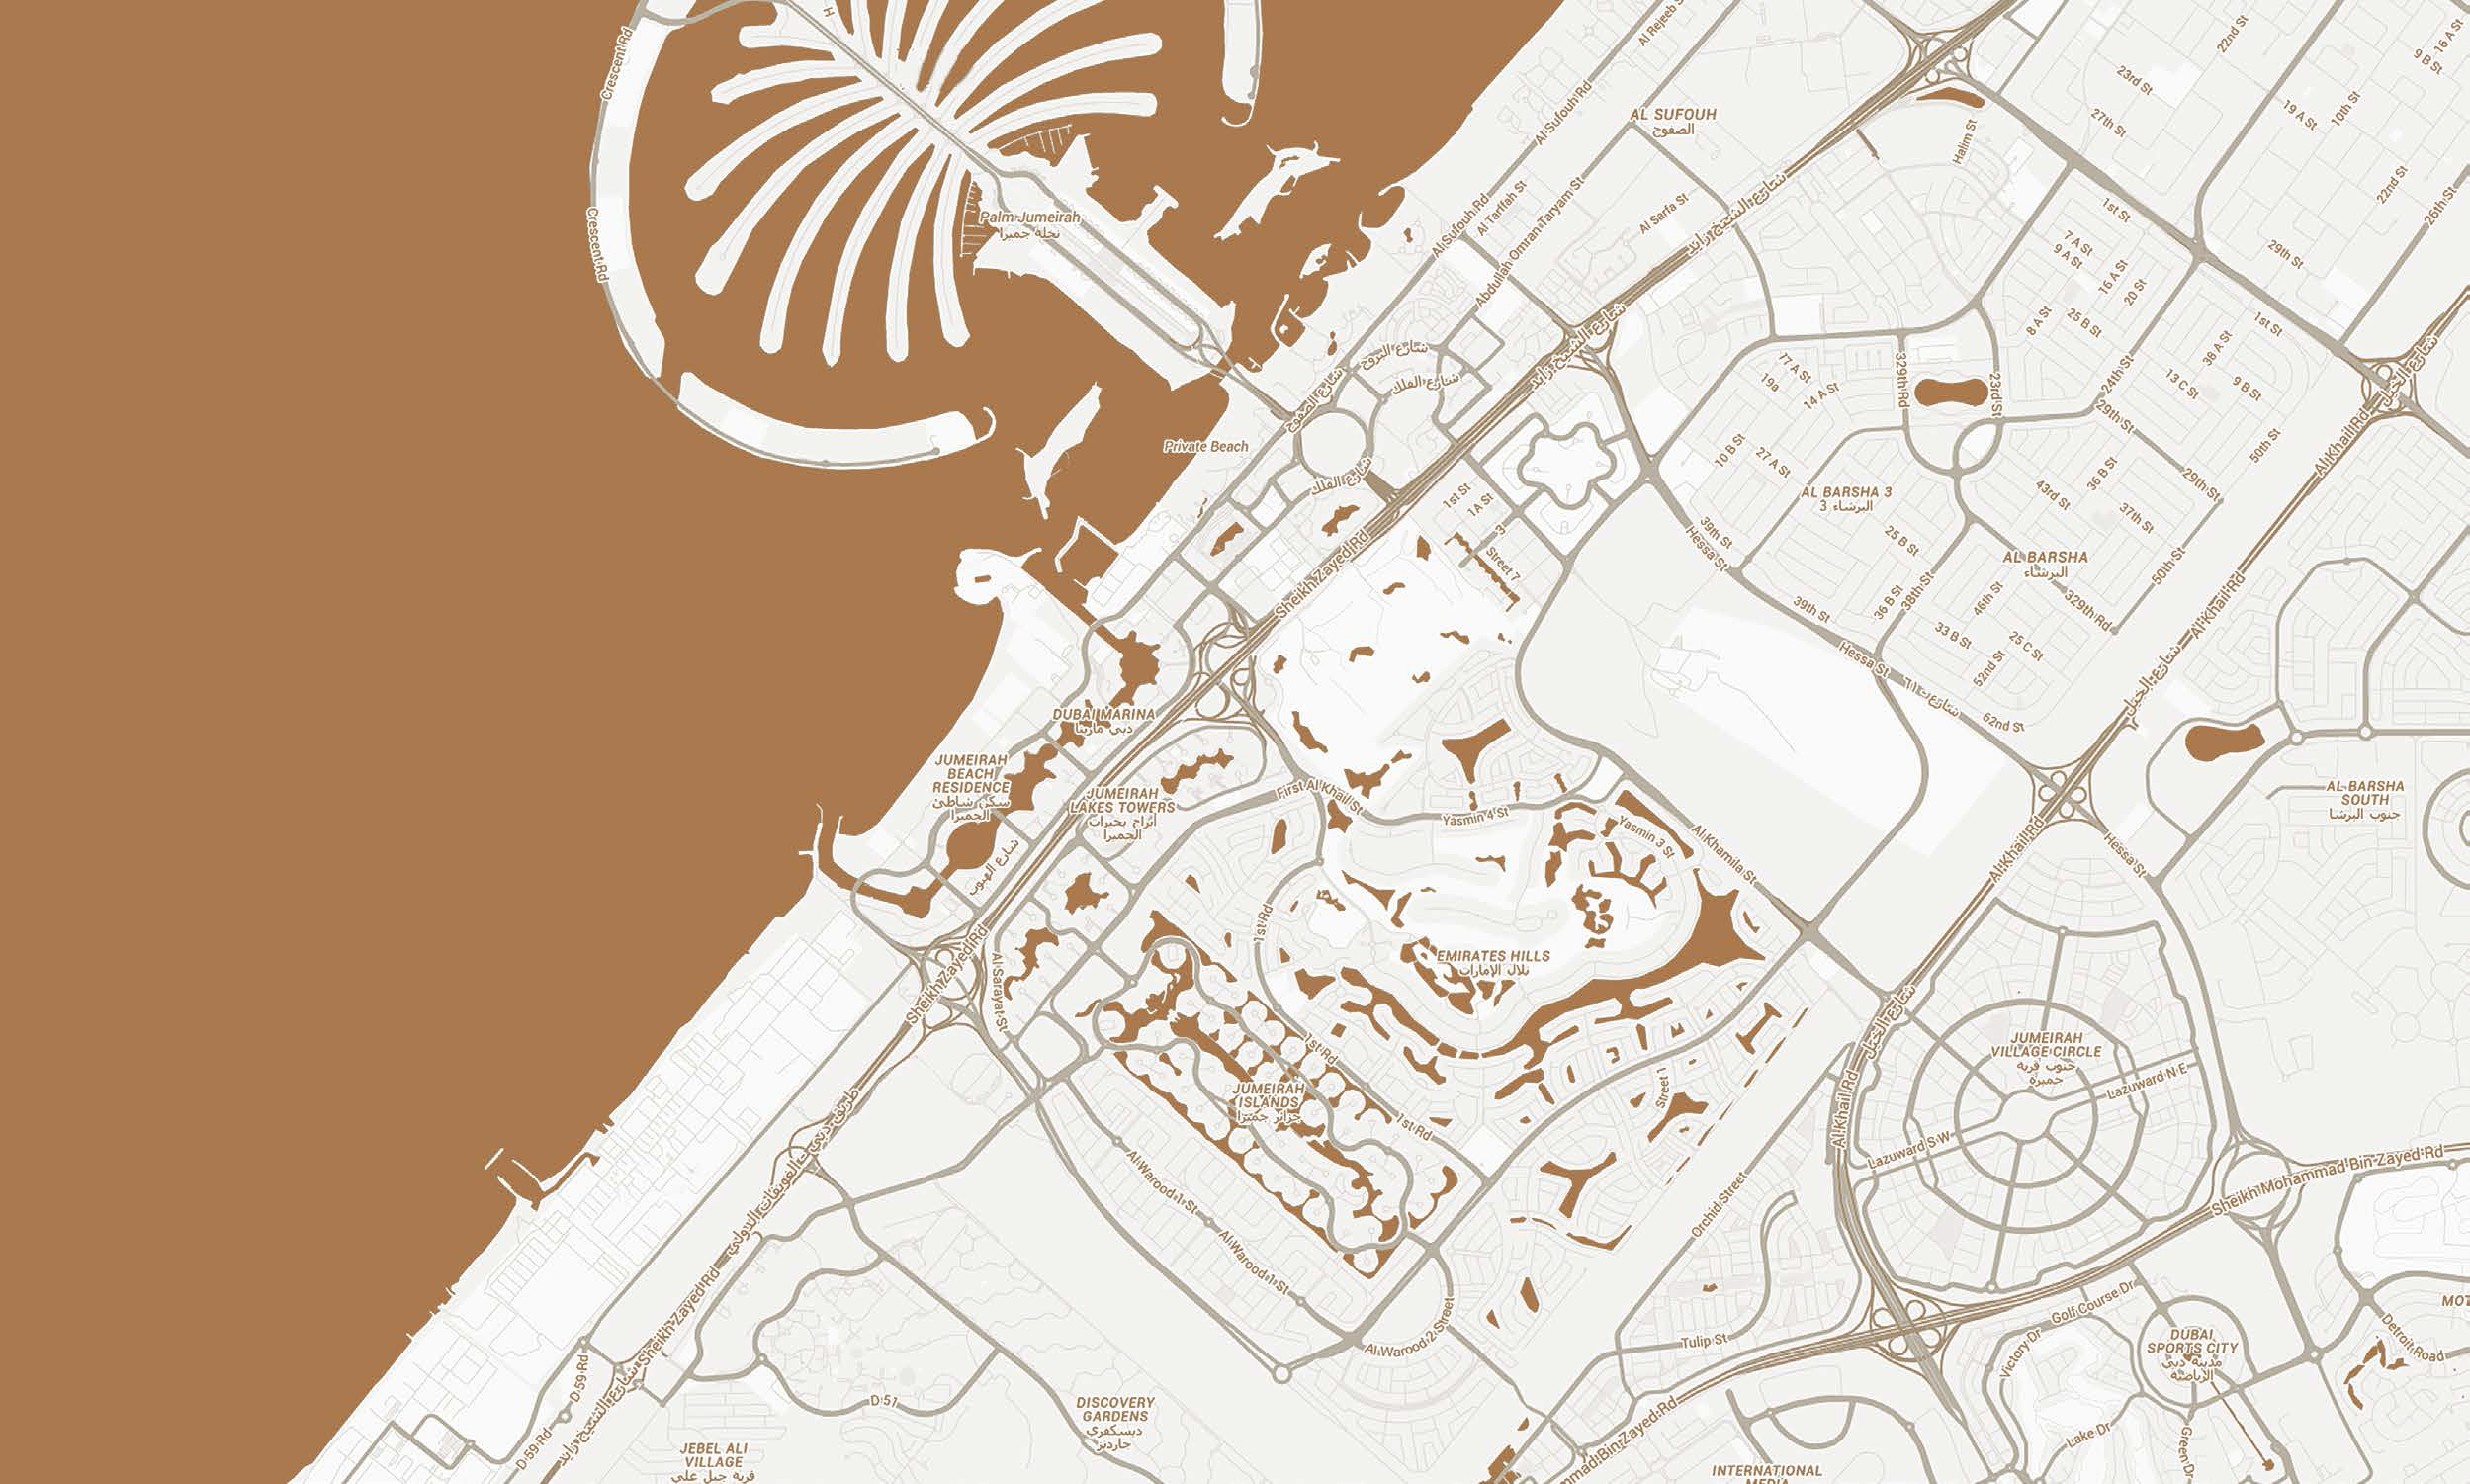 شقق-غالية خريطة الموقع